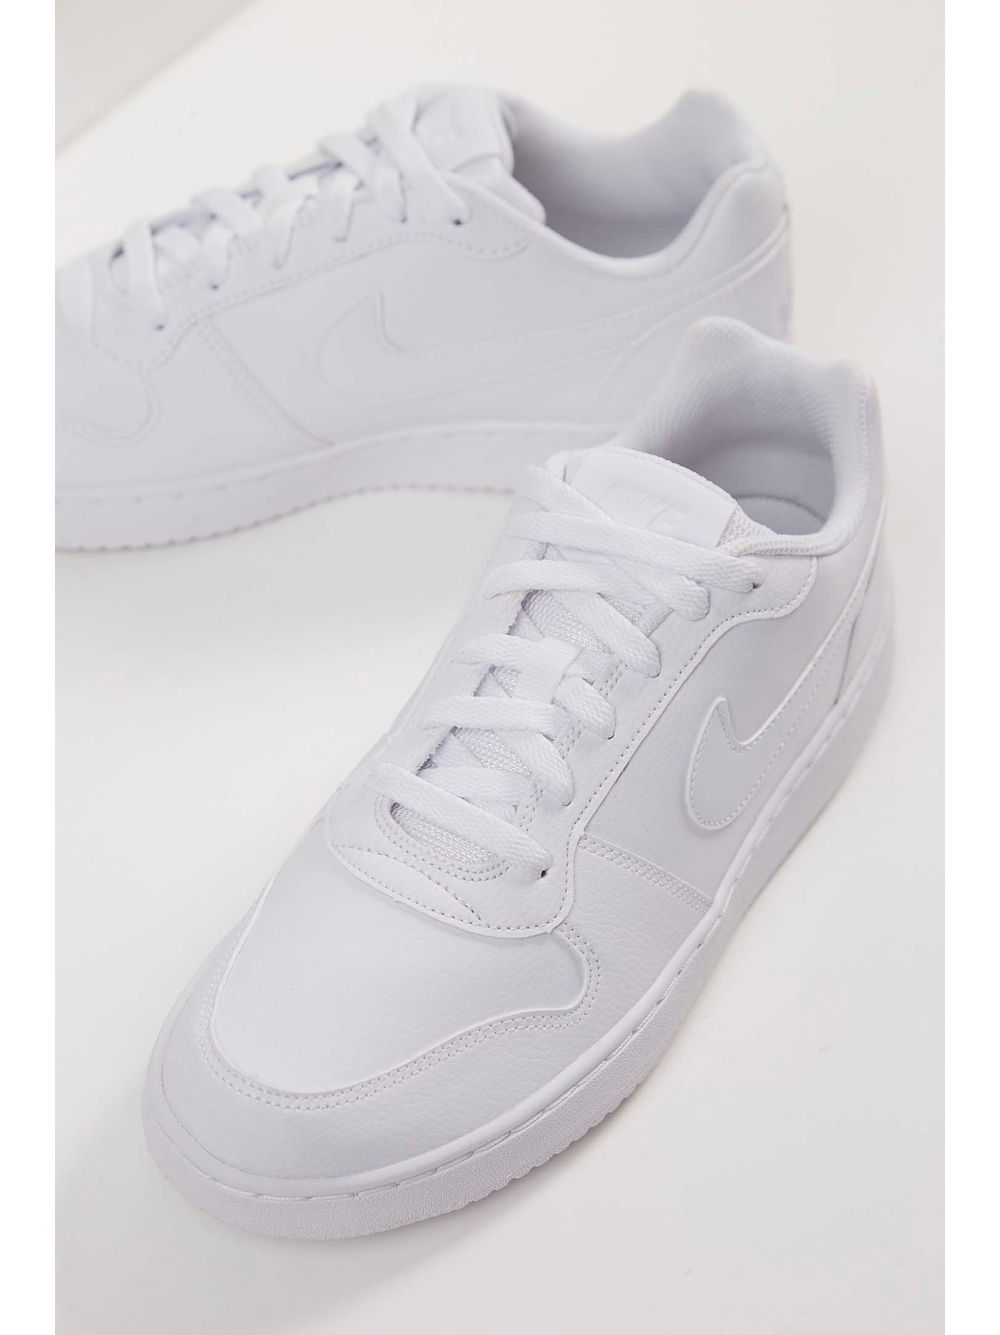 Tênis Casual Nike Ebernon Low Branco - pittol ef007d038bdd6